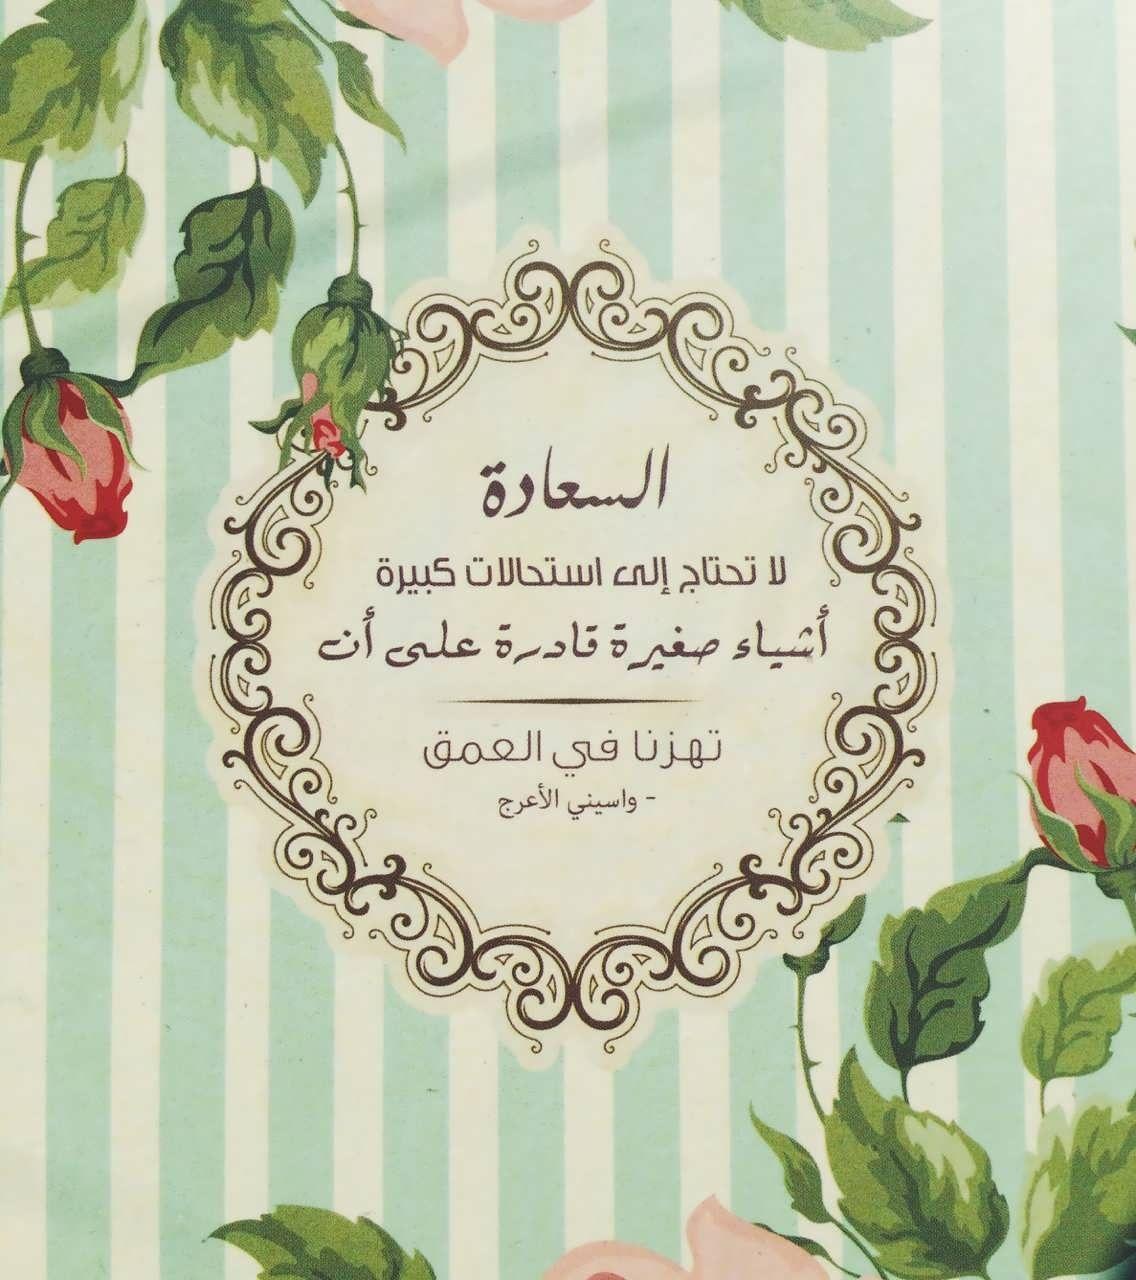 صور اقتباسات عن السعادة Sowarr Com موقع صور أنت في صورة Place Card Holders Find Image Love Quotes